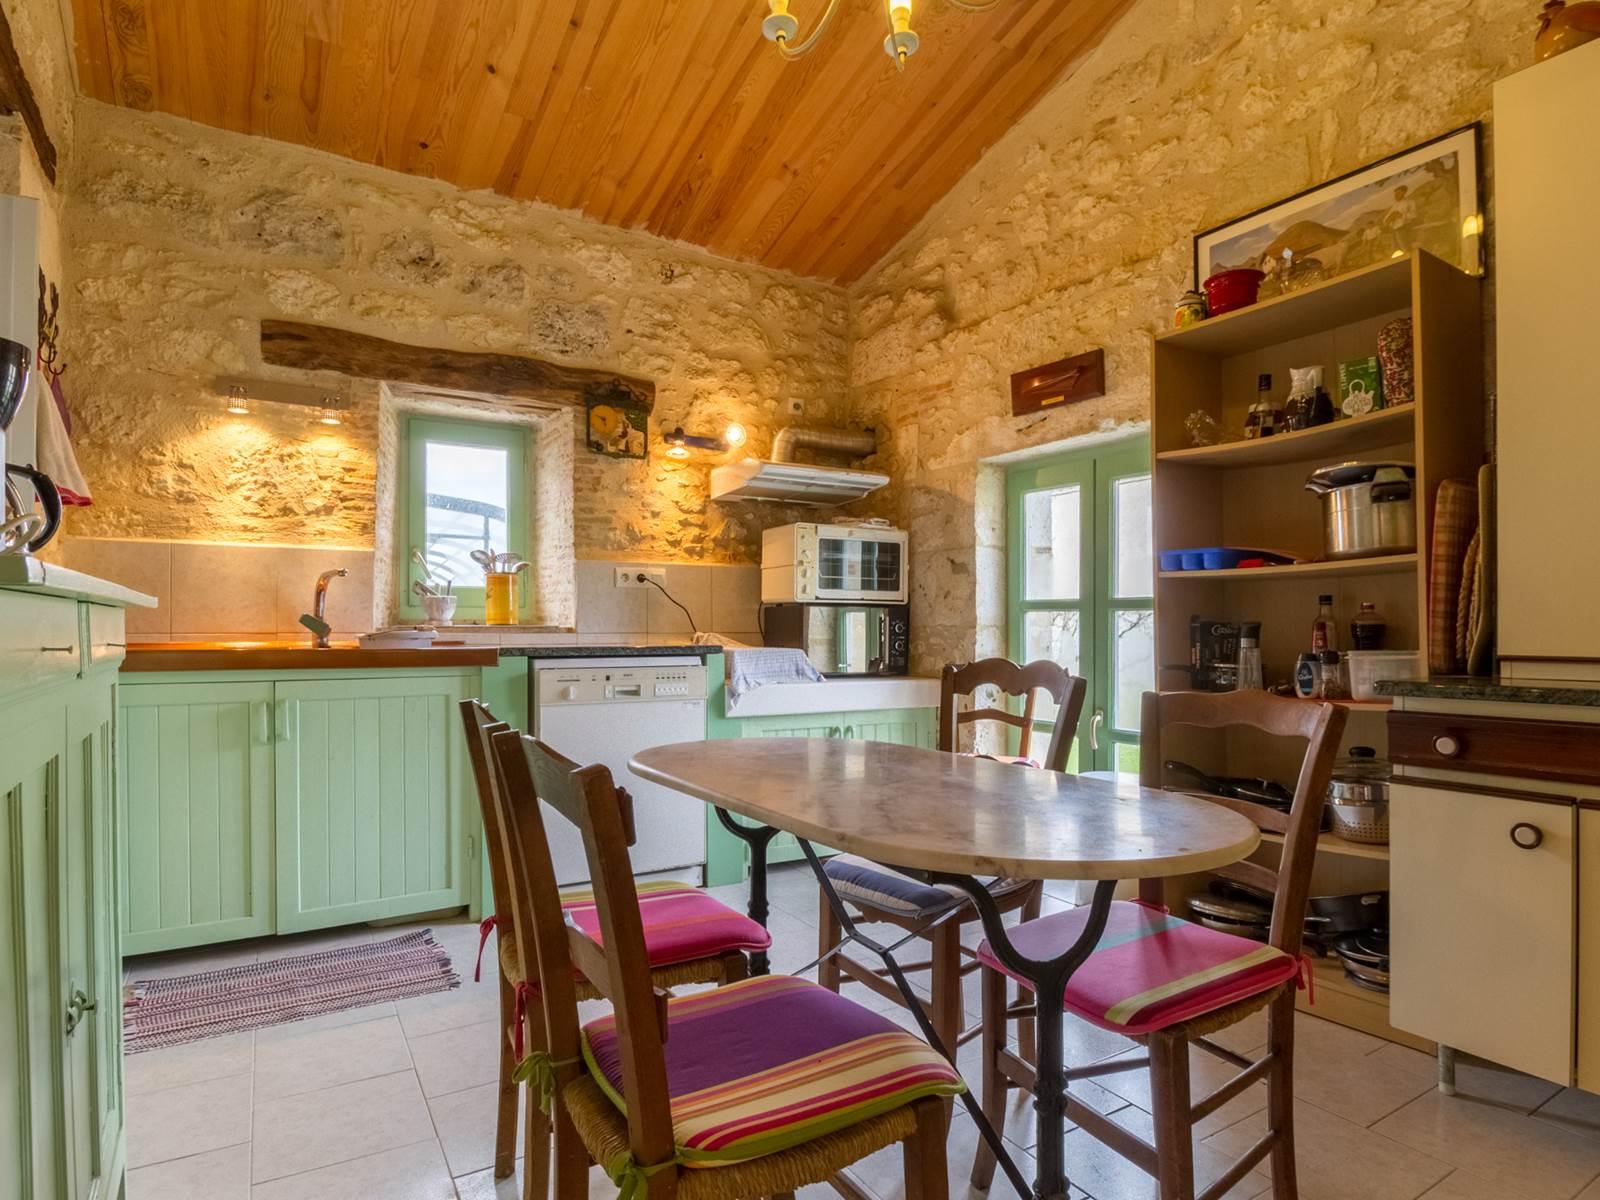 Saint Roch chambres d'hôtes cuisine à partager par les hôtes bien équipée.jpg